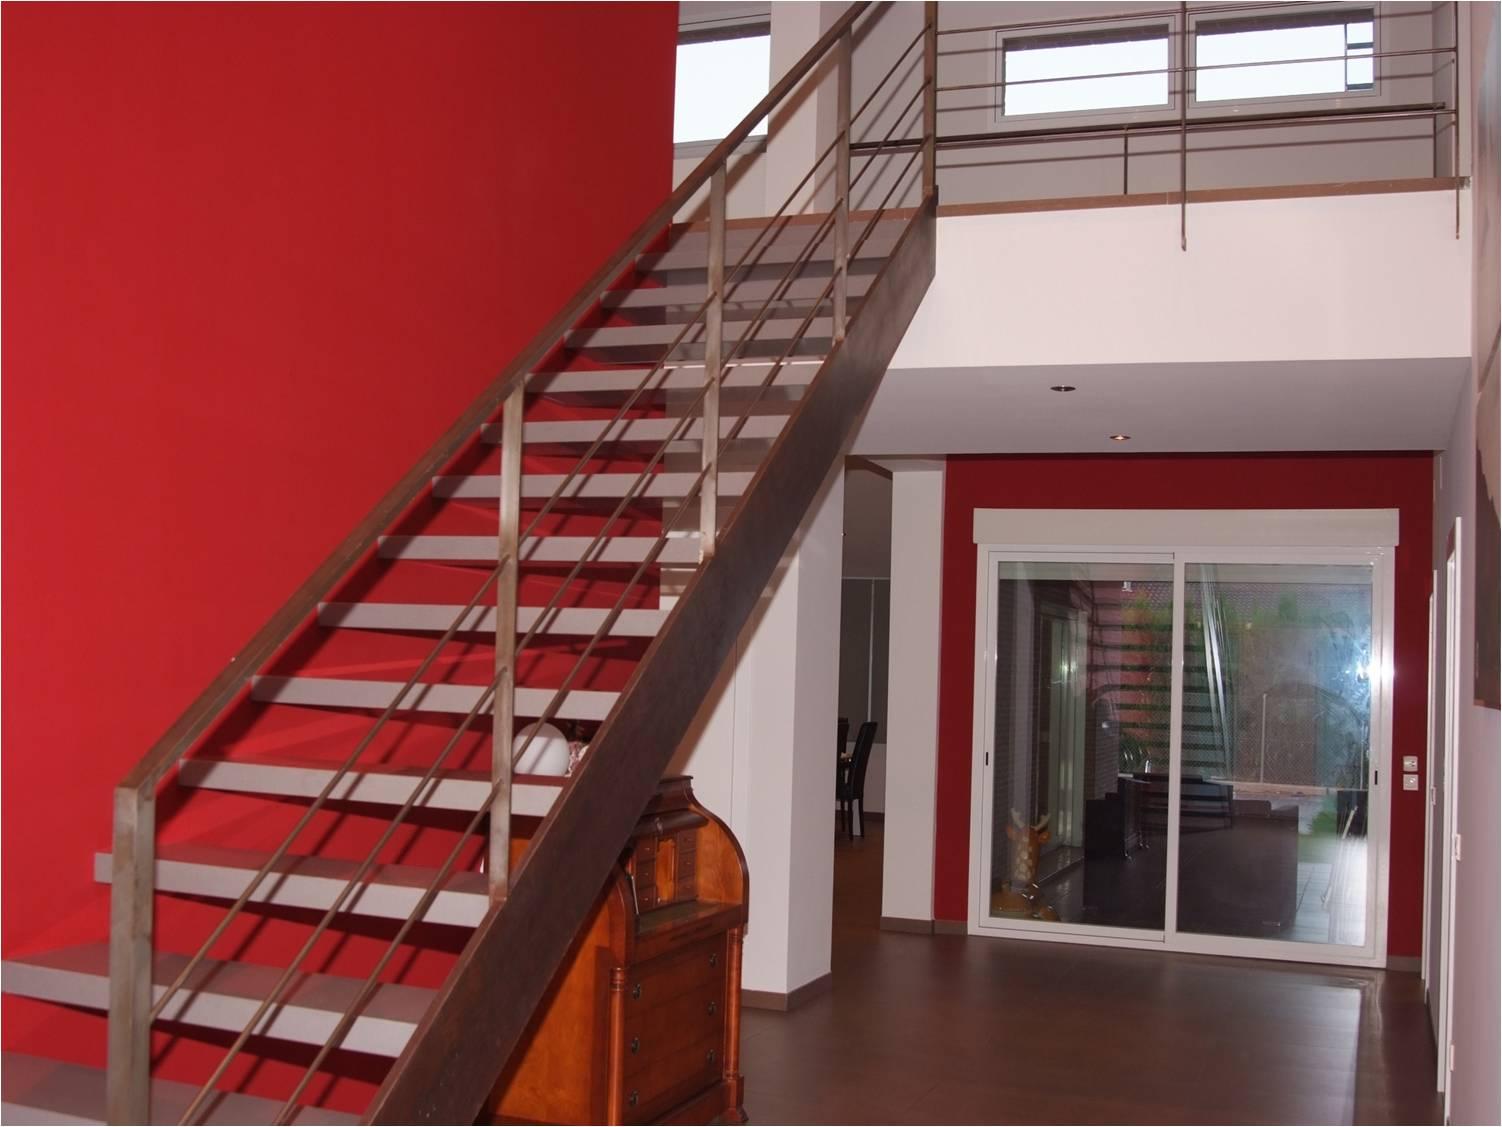 Dise o de escaleras maxalto for Diseno de escaleras